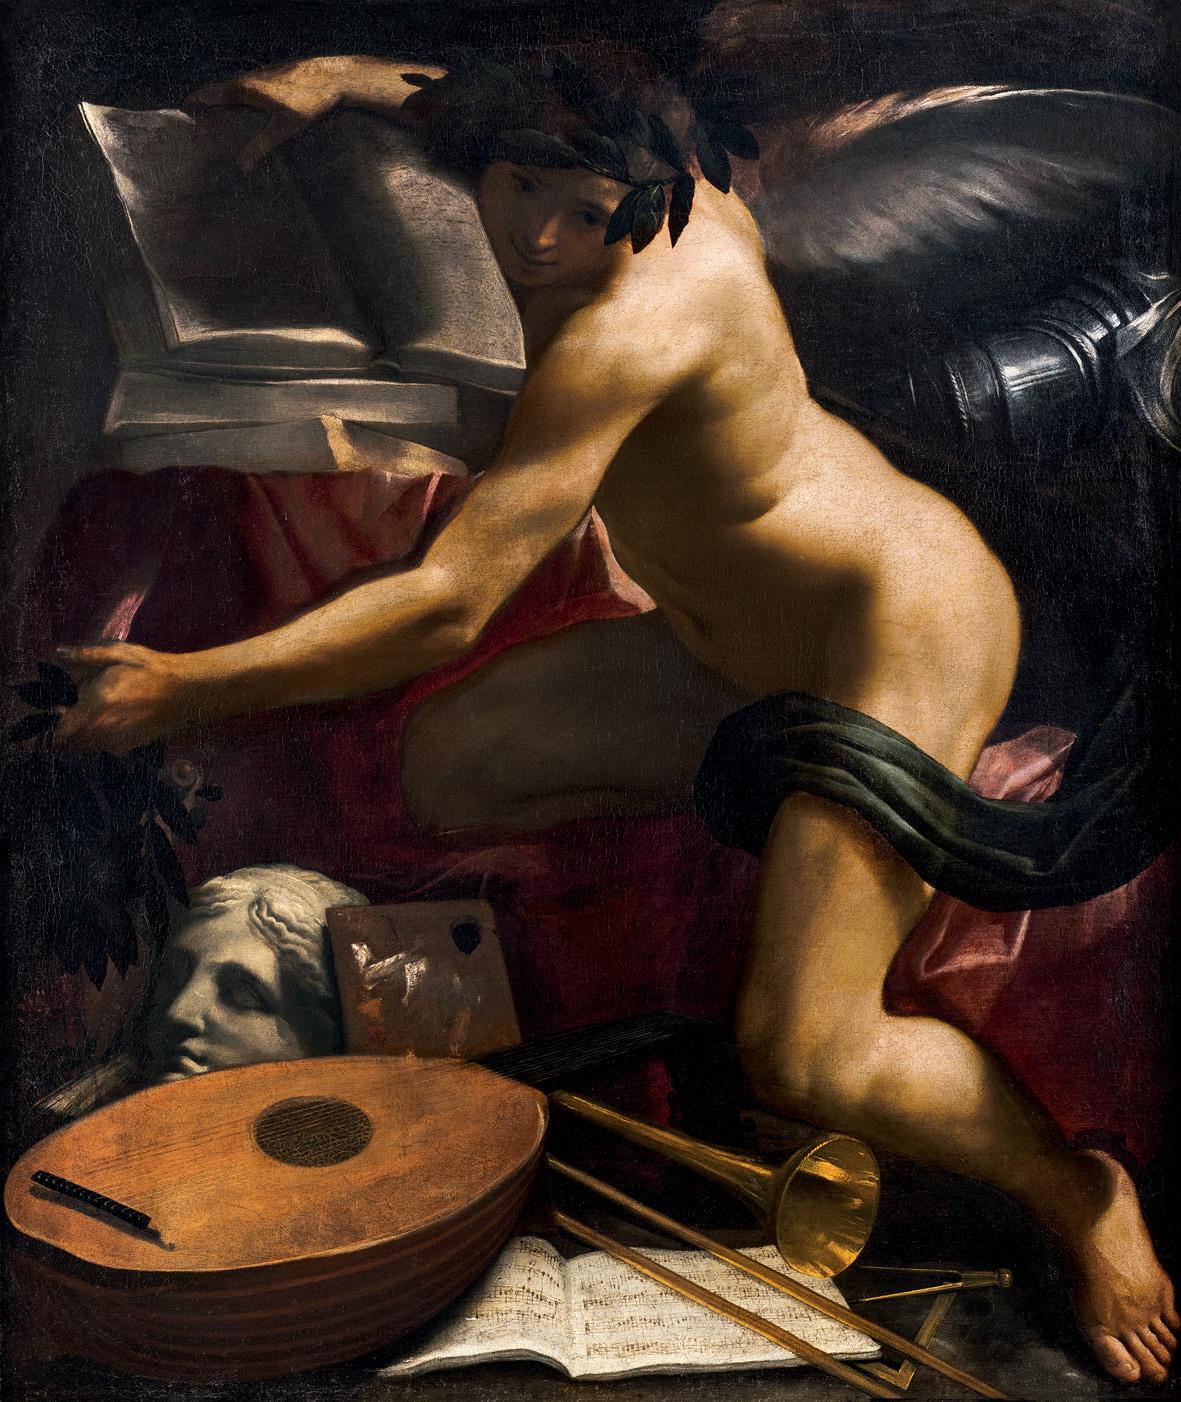 Carlo Bononi: Genio delle Arti, c. 1620, Olio su tela, cm 120,5 x 101. Collezione Lauro